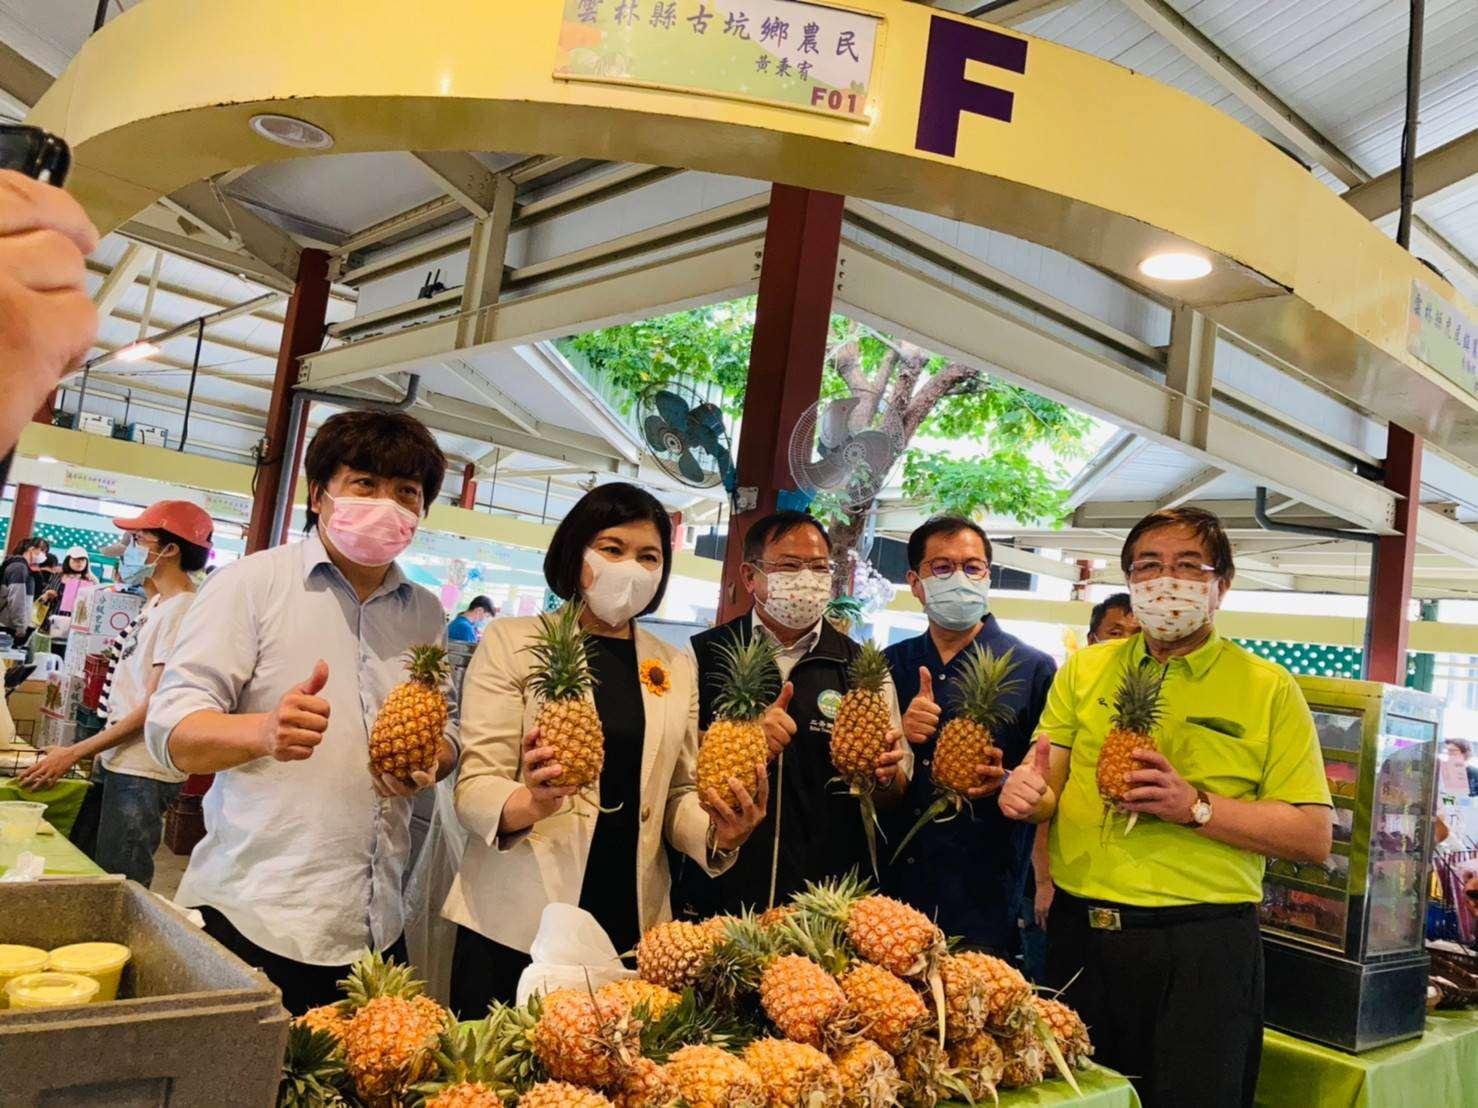 正是雲林鳳梨西瓜品嘗好時機  縣府北上台北希望廣場展售促銷